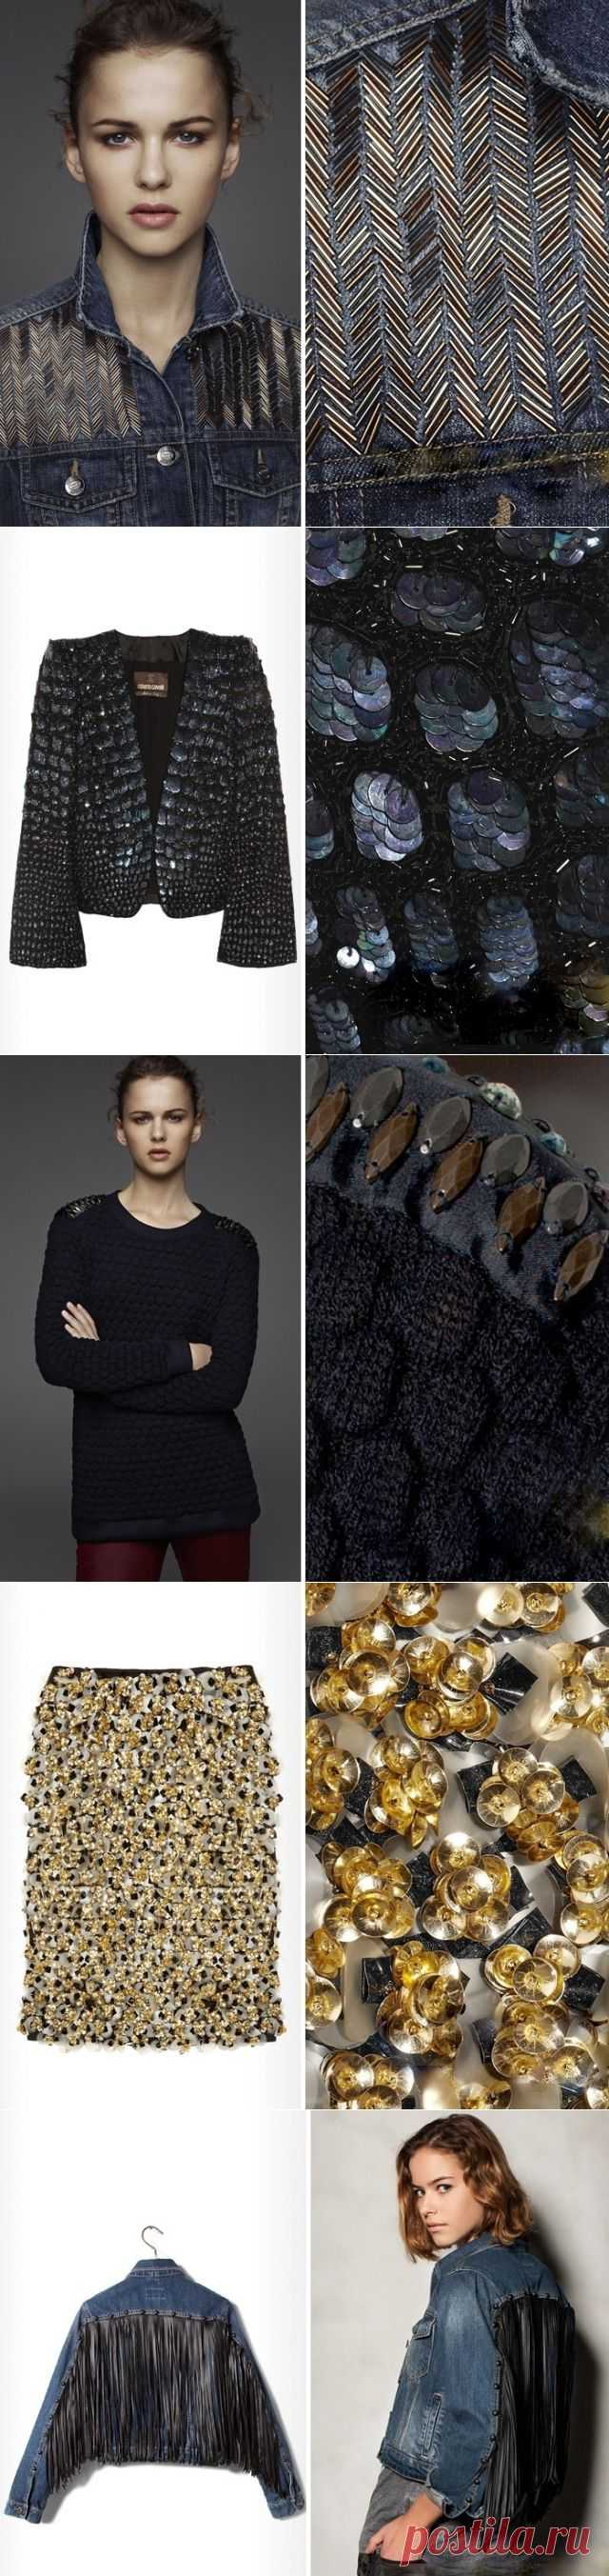 """""""Твид"""" из бисера, """"крокодил"""" - из пайеток и другие чудеса декора / Декор / Модный сайт о стильной переделке одежды и интерьера"""